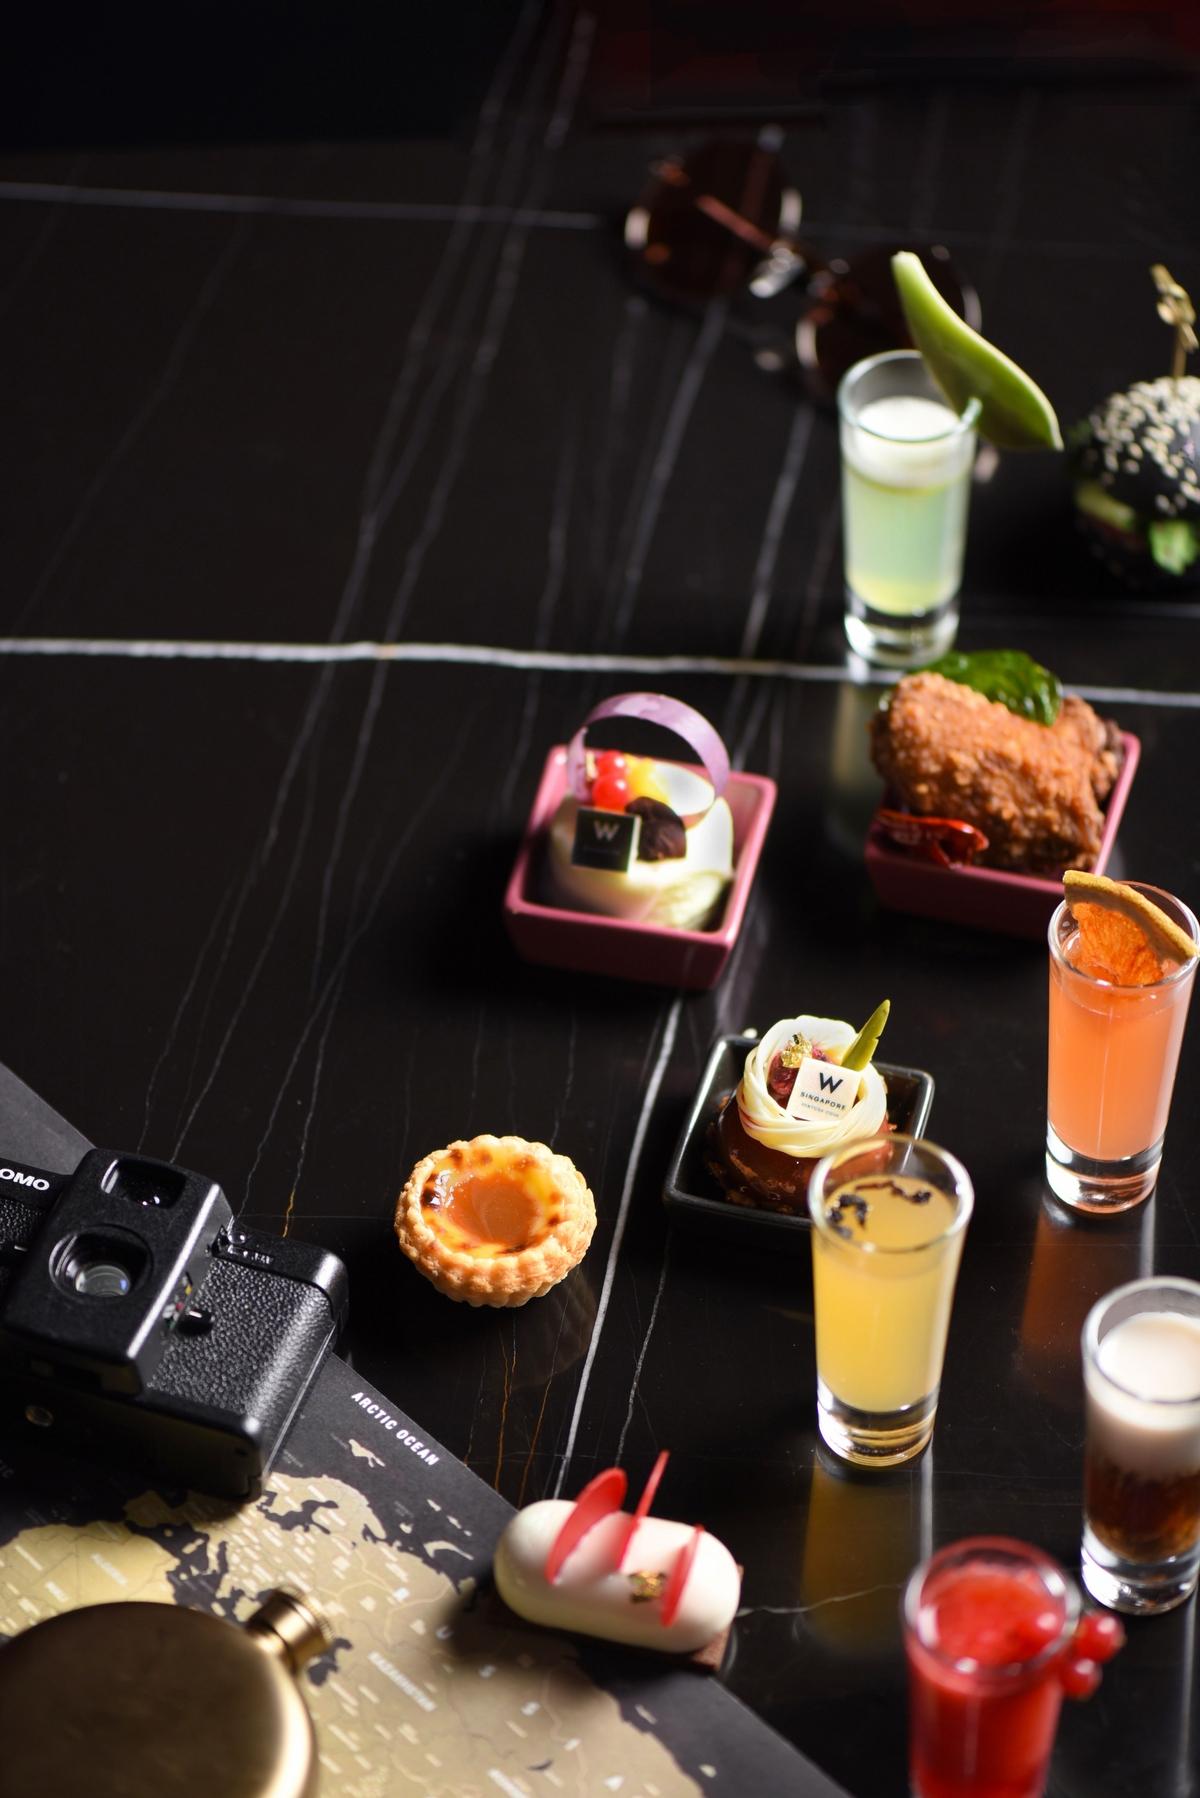 不用出國就能吃遍香港、新加坡等特選餐酒!台北W飯店推出神級下午茶「W漫遊」搭配高空美景太浪漫